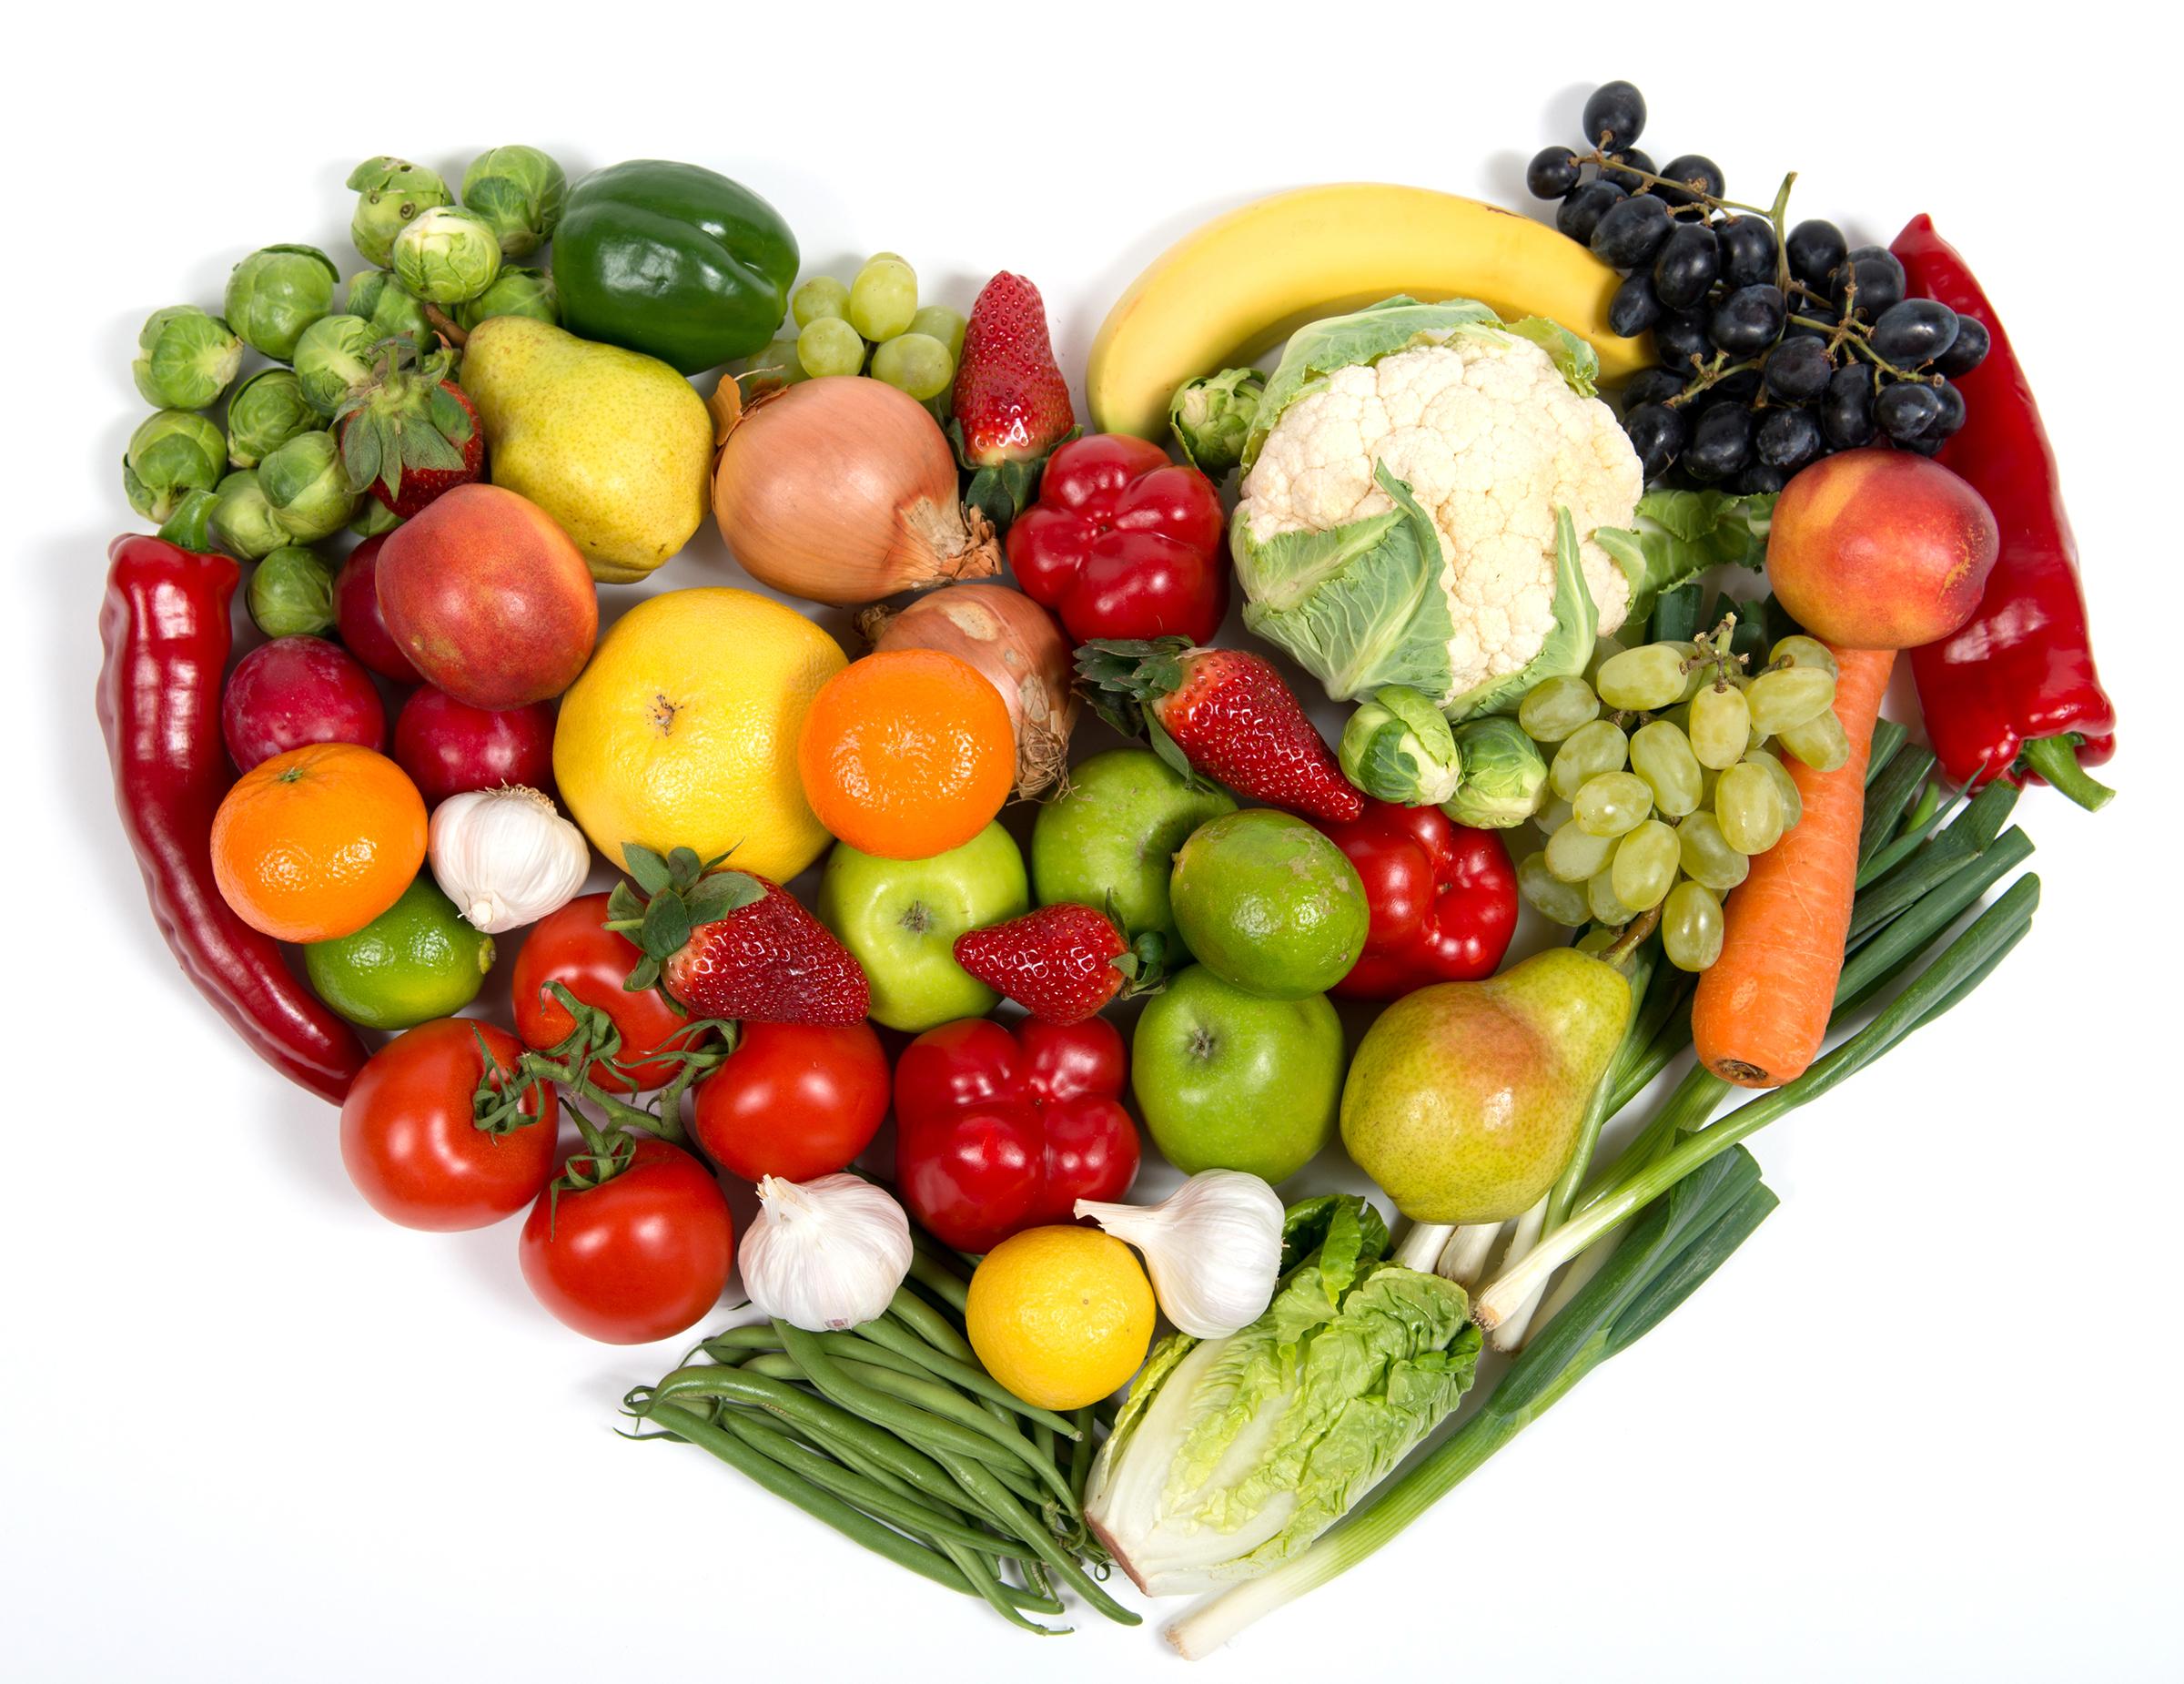 Những thói quen ăn uống tốt cho sức khỏe mà người trẻ nào cũng nên biết - Ảnh 4.